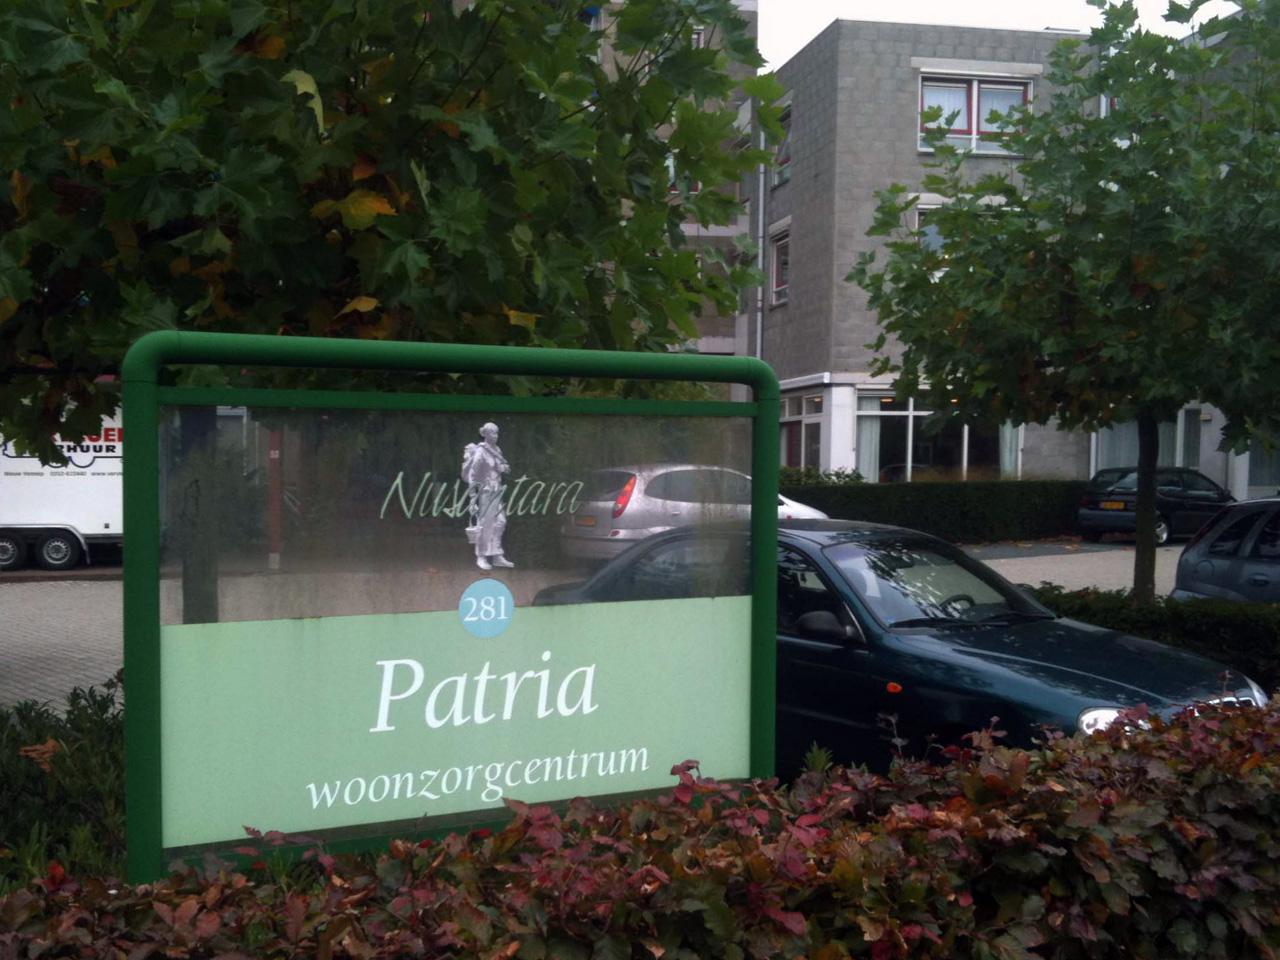 Afbeelding 7 / 8 - Bussum - Woonzorgcentrum Patria